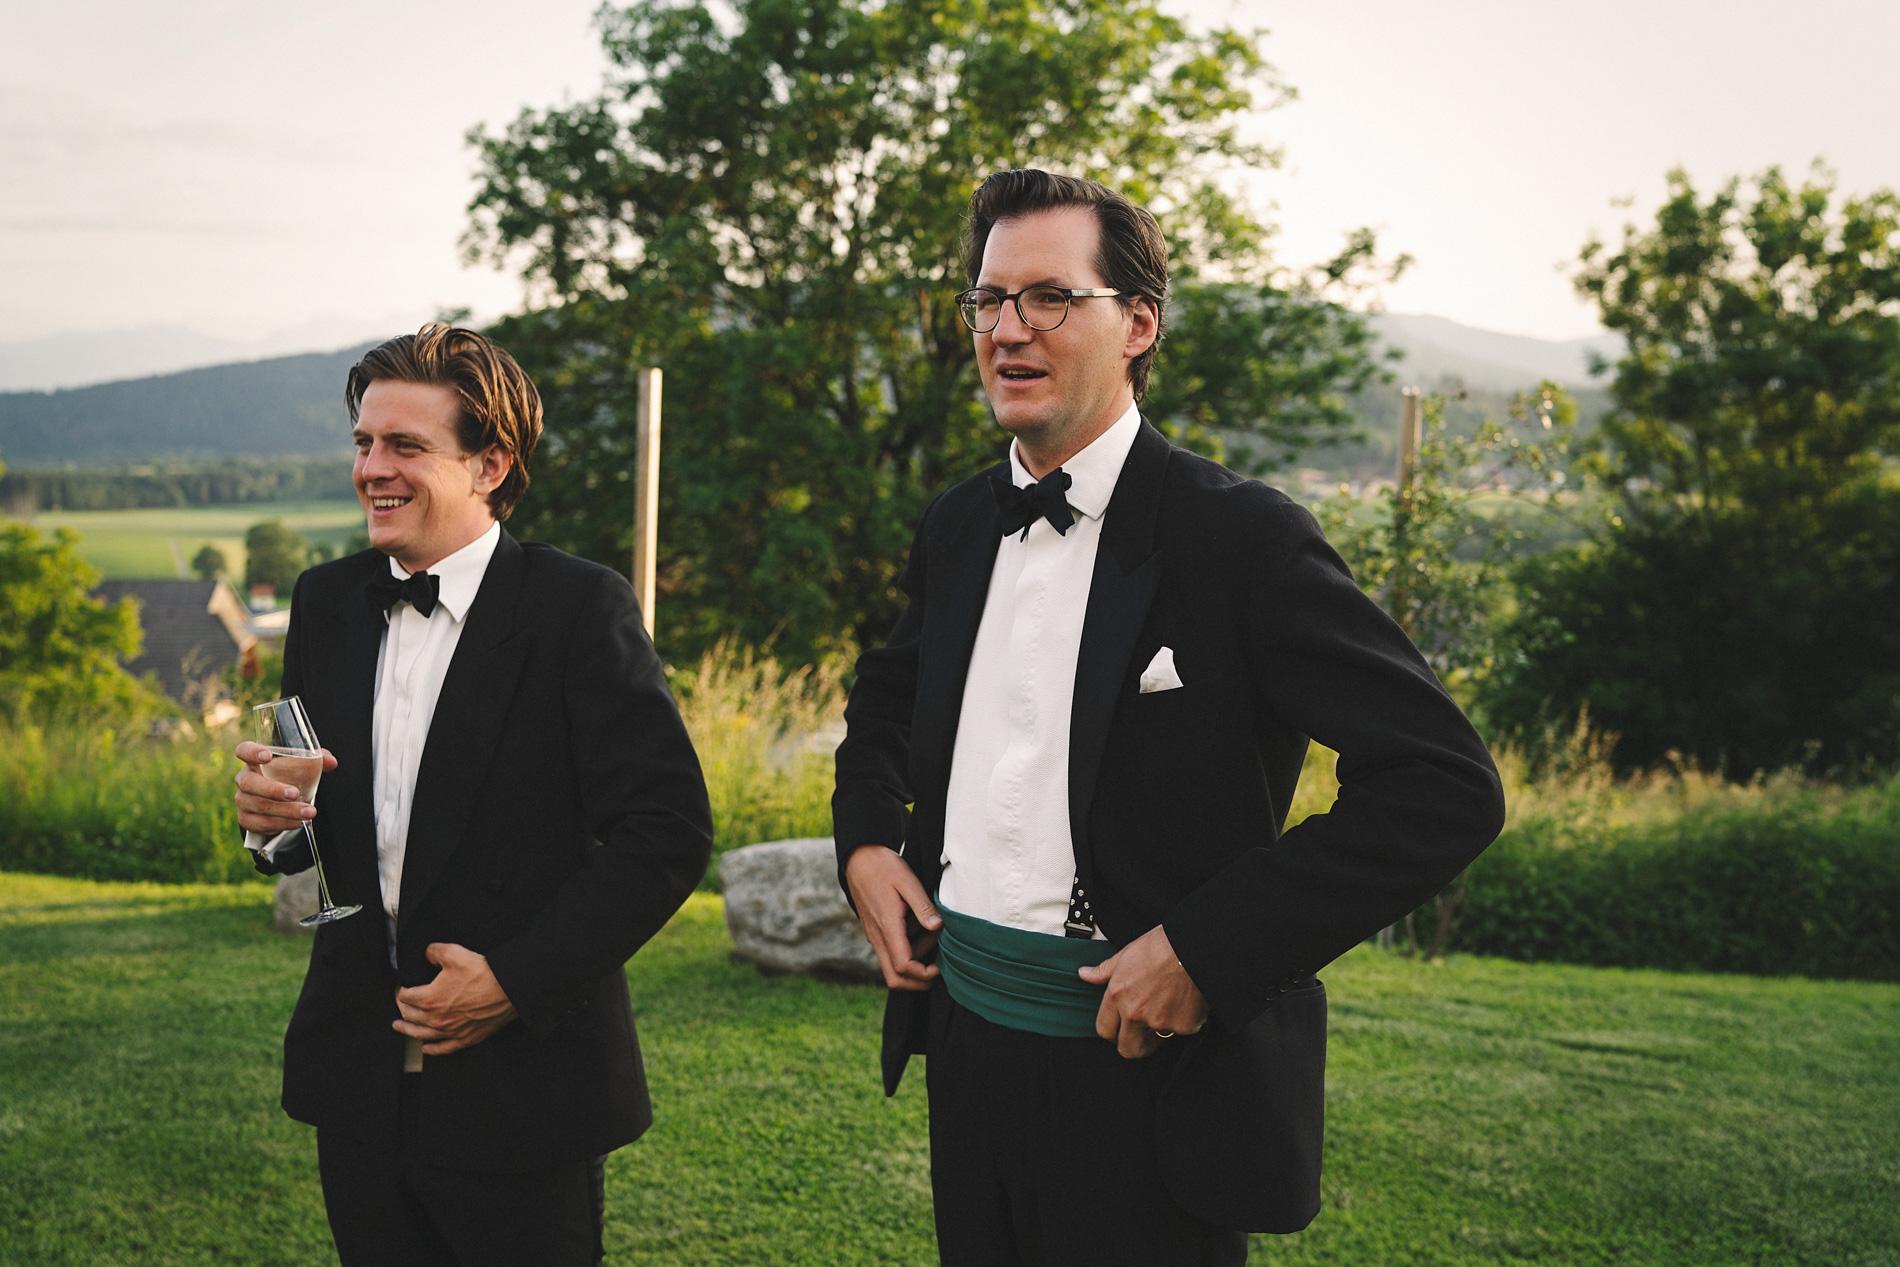 svatební fotograf - Rakousko